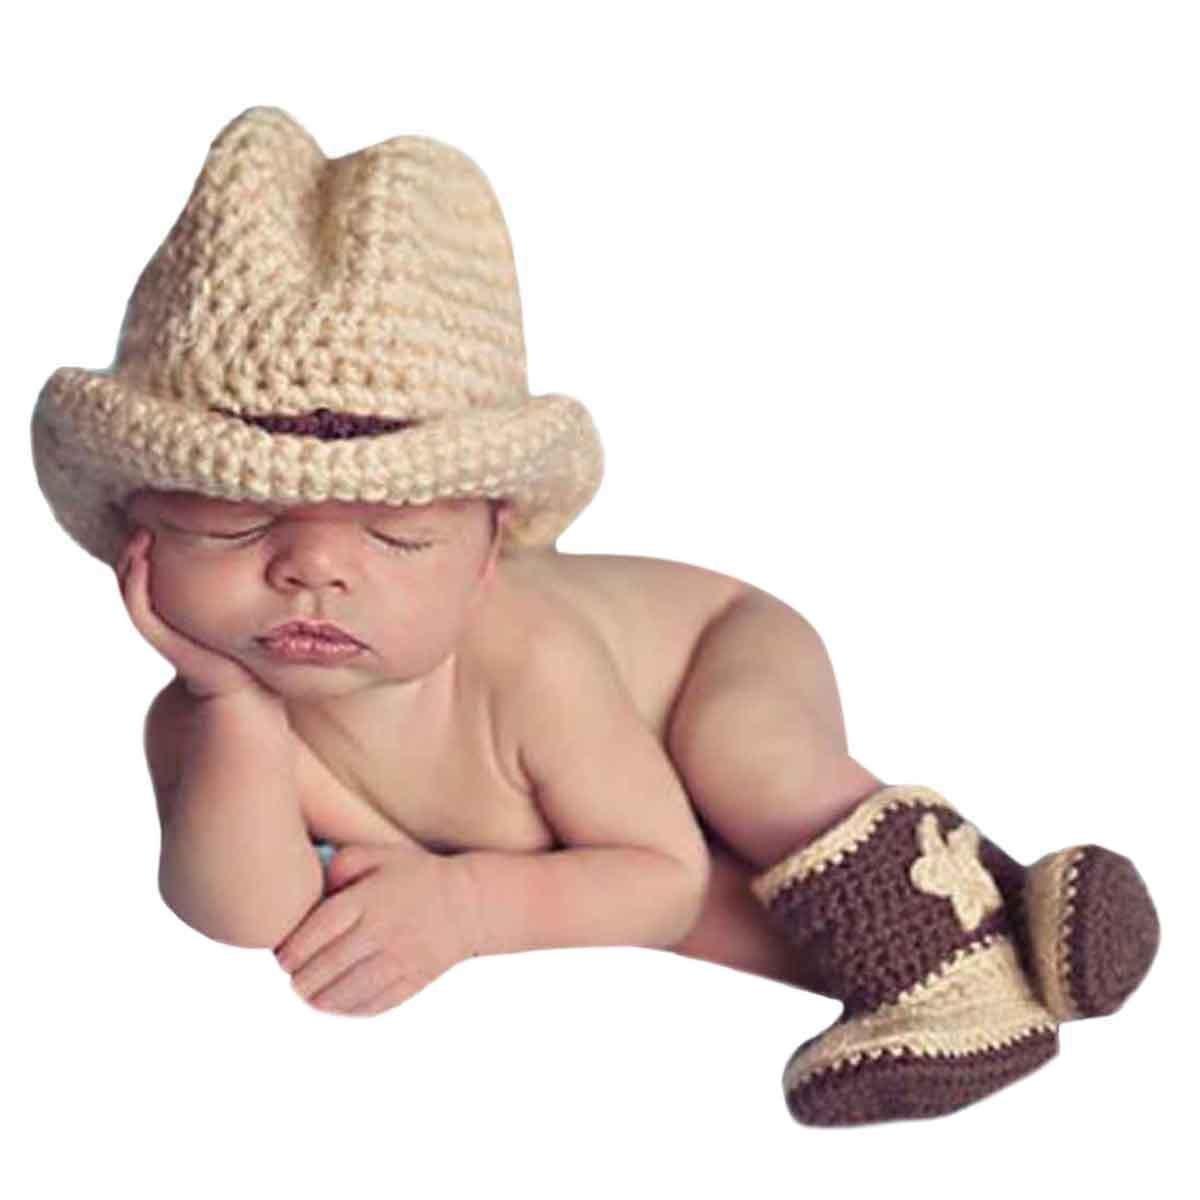 AKAAYUKO Neonato Ragazzo Ragazza Knitted Fotografia Props Costume (Cowboy Cappello Stivali) grprops-120